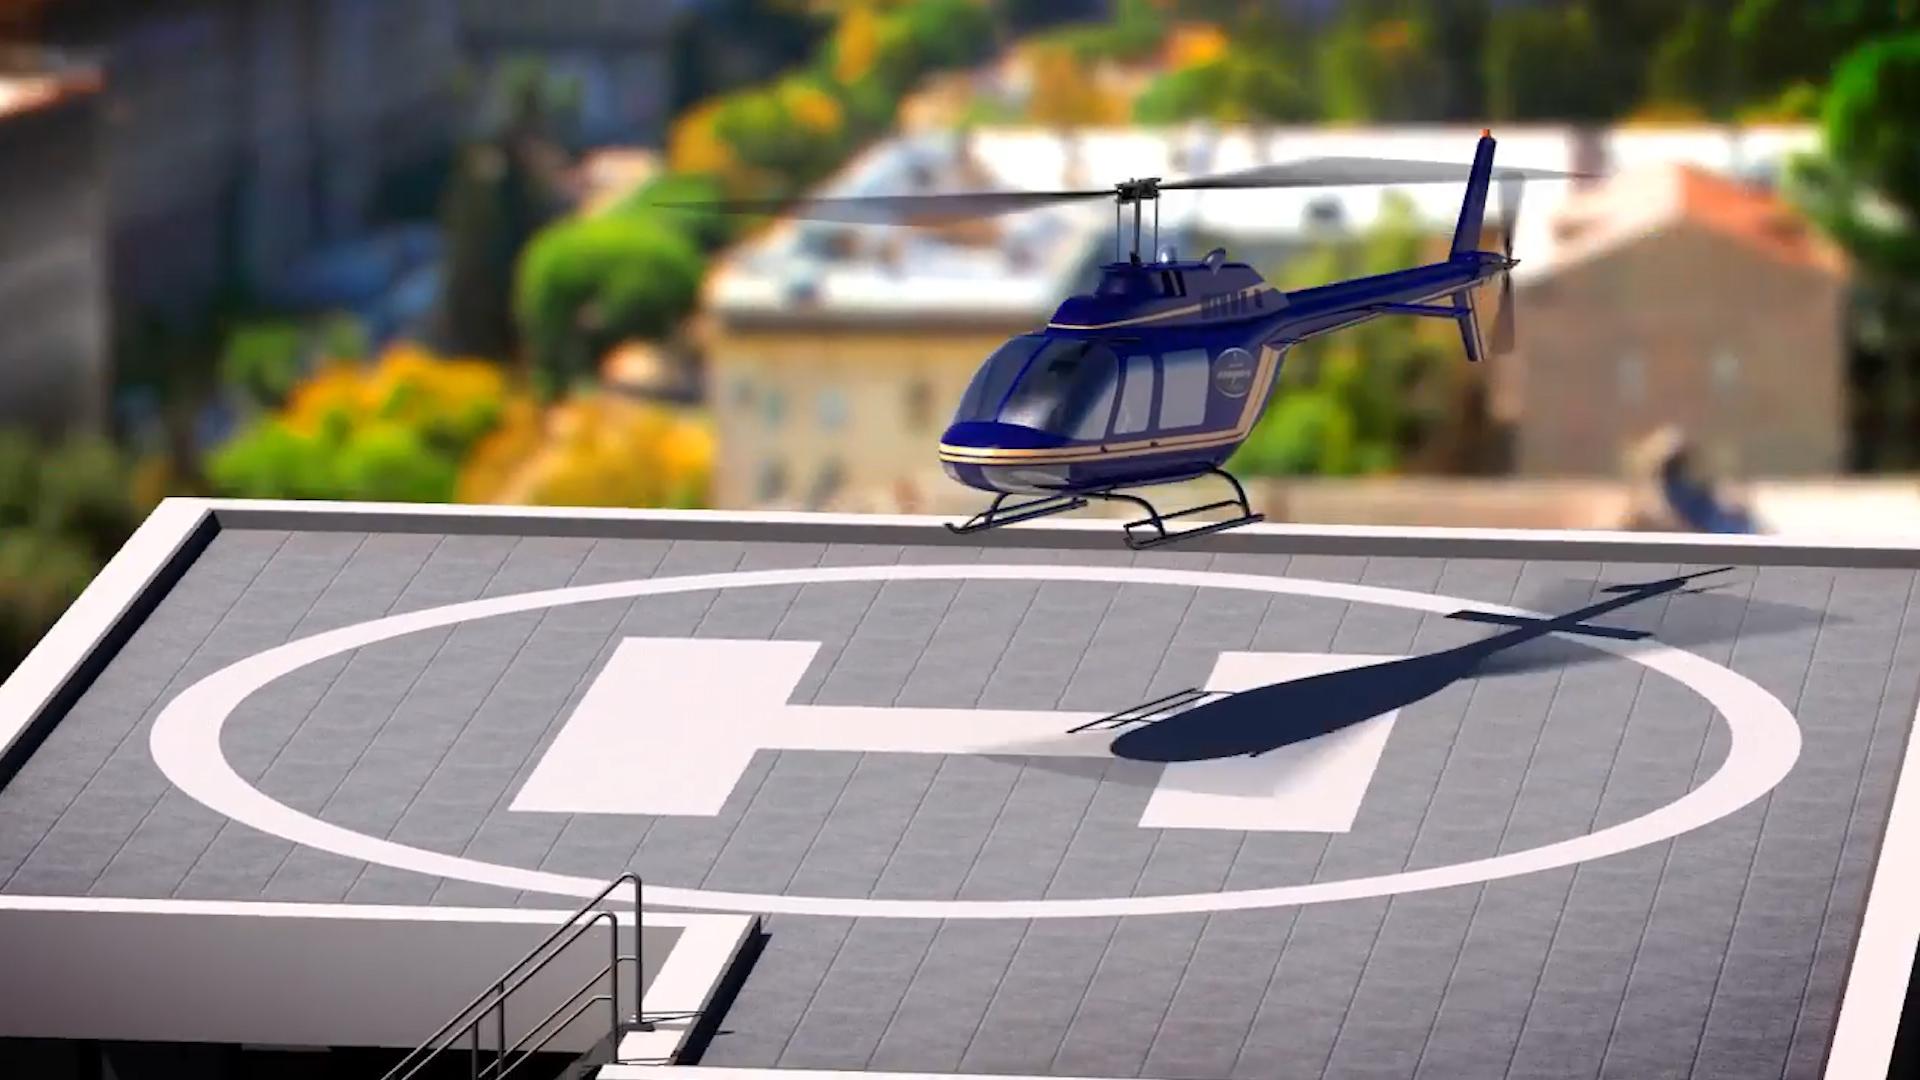 За счет вертолетной площадки застройщик хочет добавить статуса ЖК